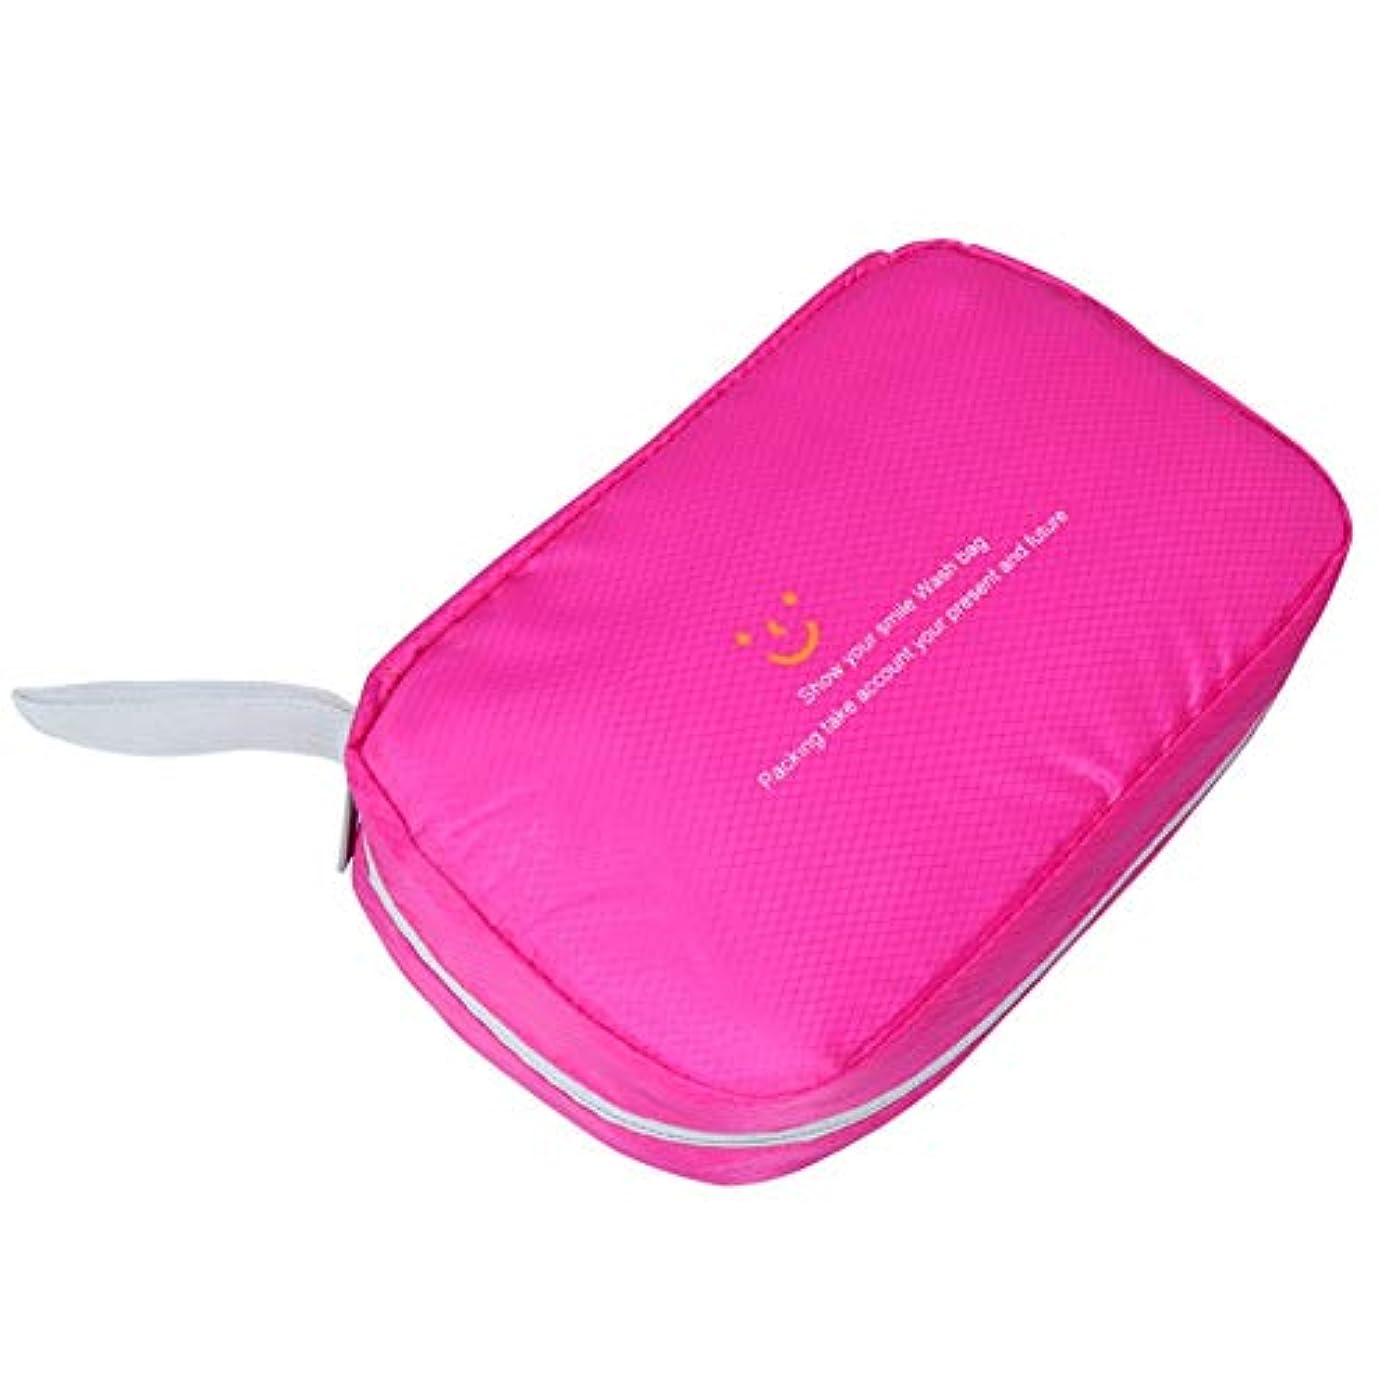 取るメルボルンあごひげ特大スペース収納ビューティーボックス 美の構造のためそしてジッパーおよび折る皿が付いている女の子の女性旅行そして毎日の貯蔵のための高容量の携帯用化粧品袋 化粧品化粧台 (色 : ピンク)